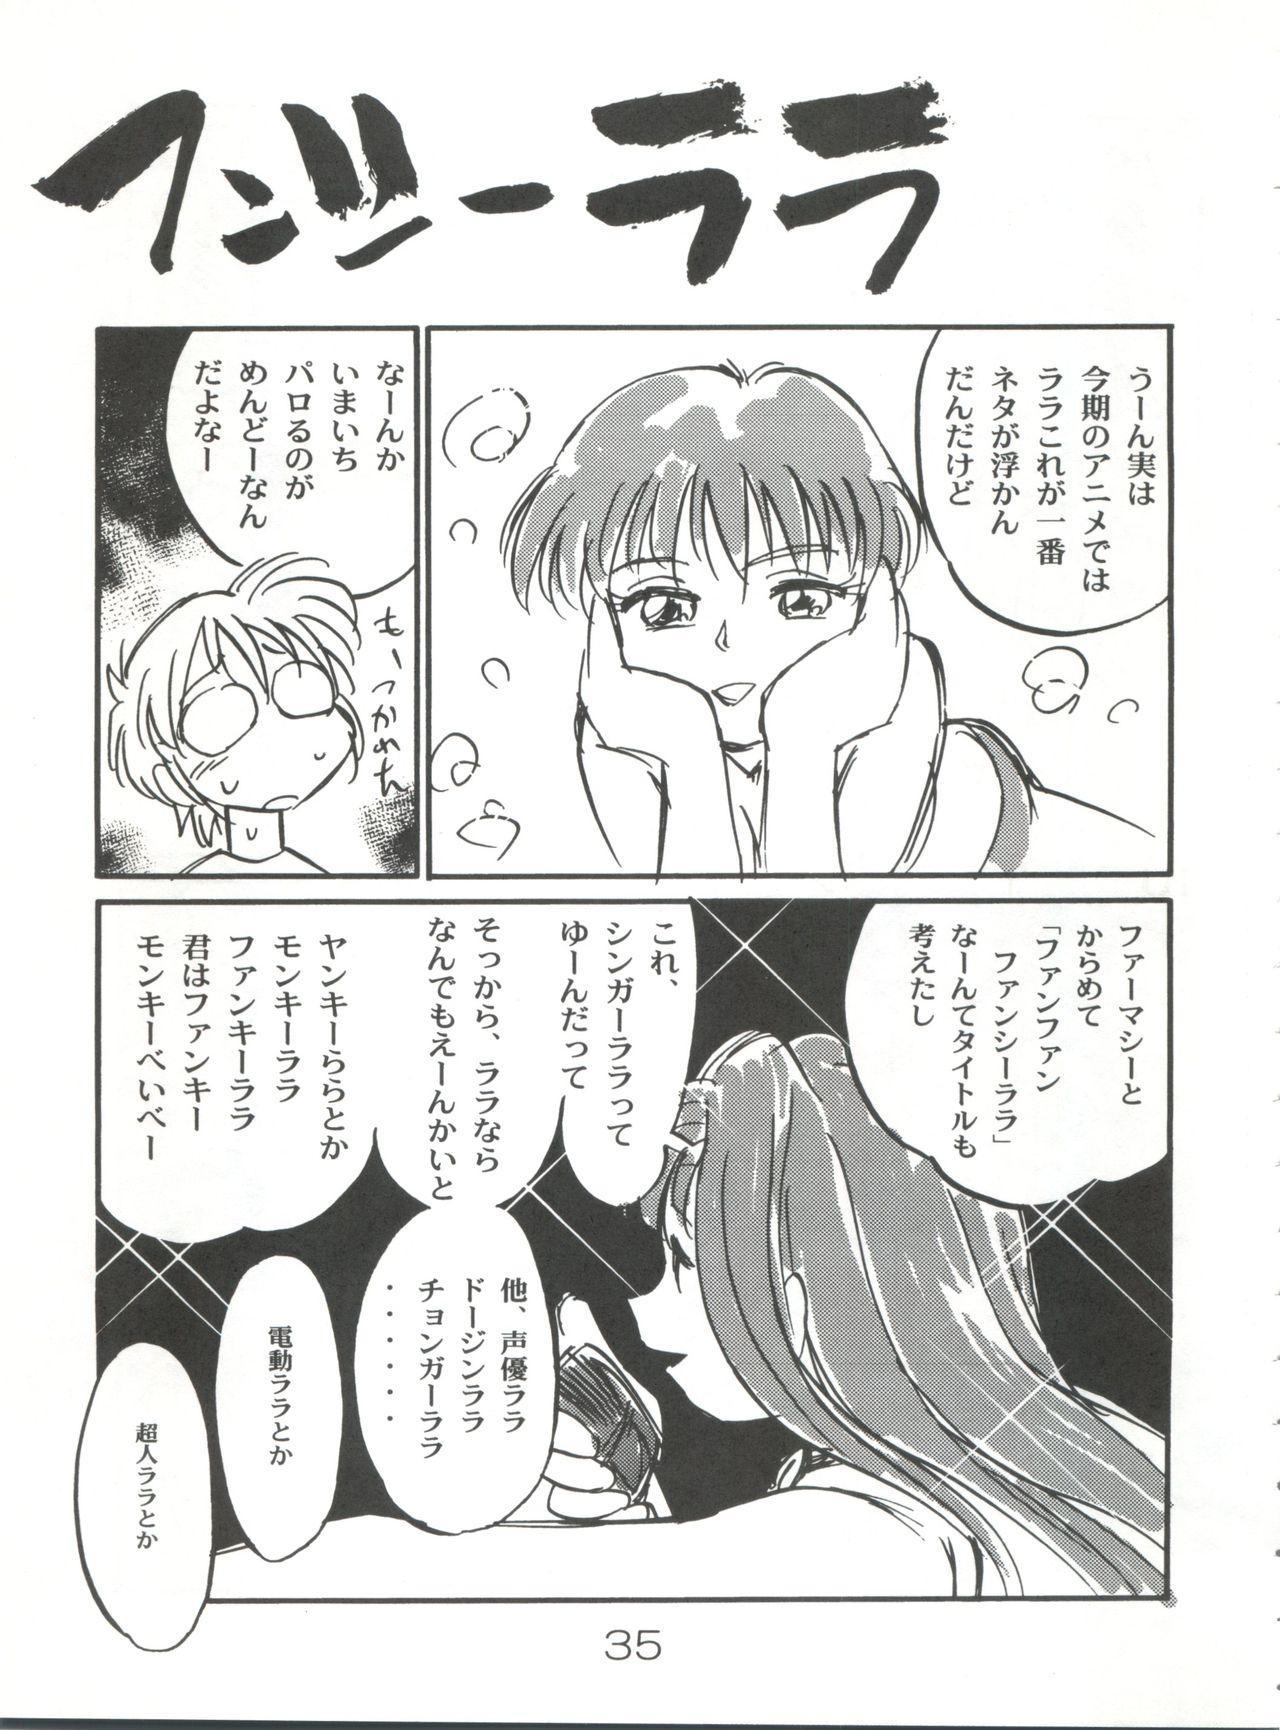 Mahou no Okusuri 33